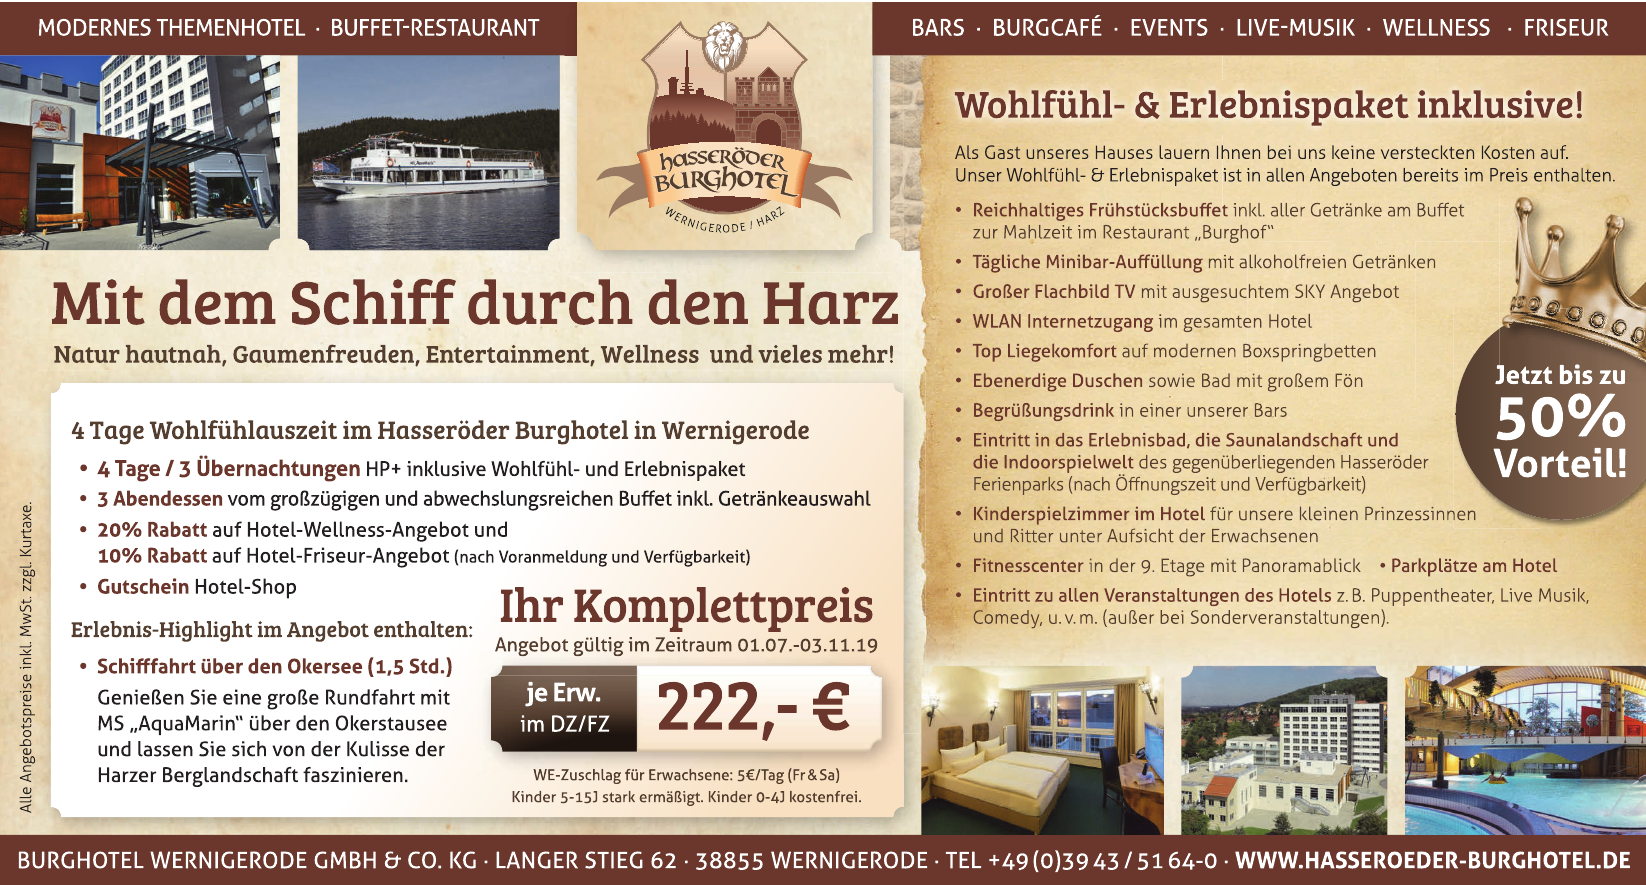 Hasseröder Burghotel GmbH & Co. KG